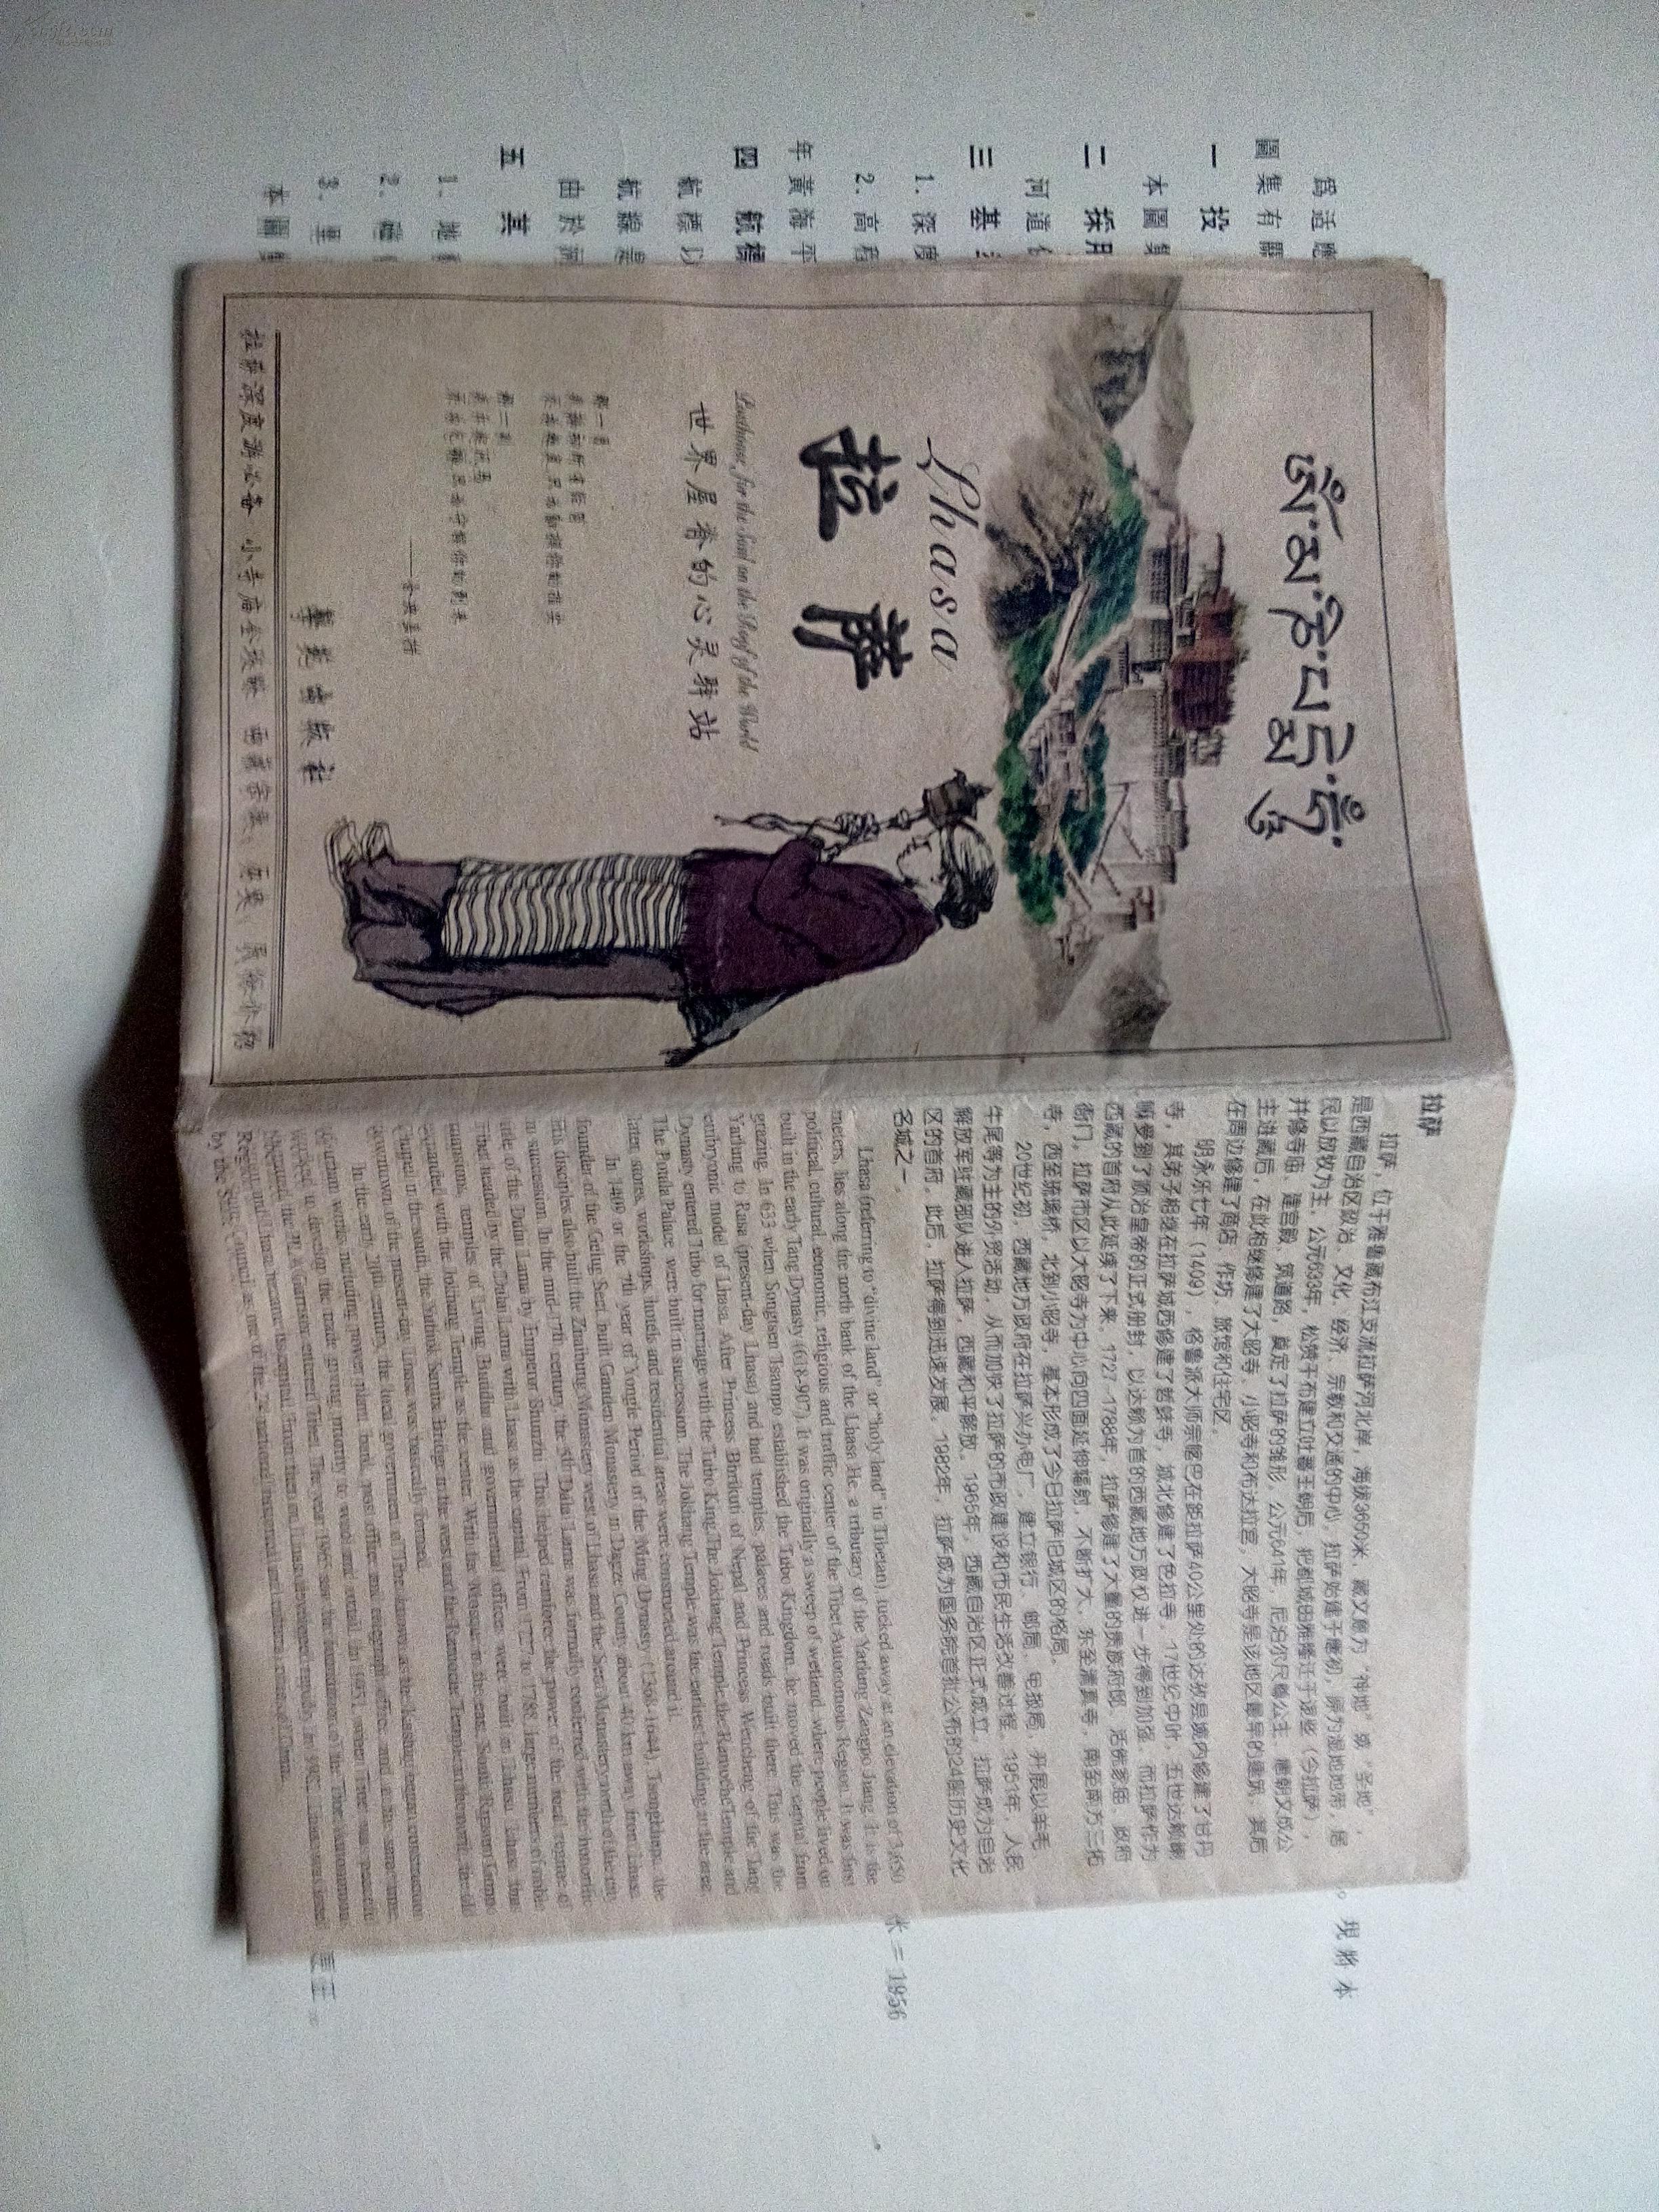 【图】拉萨手绘地图_价格:5.00